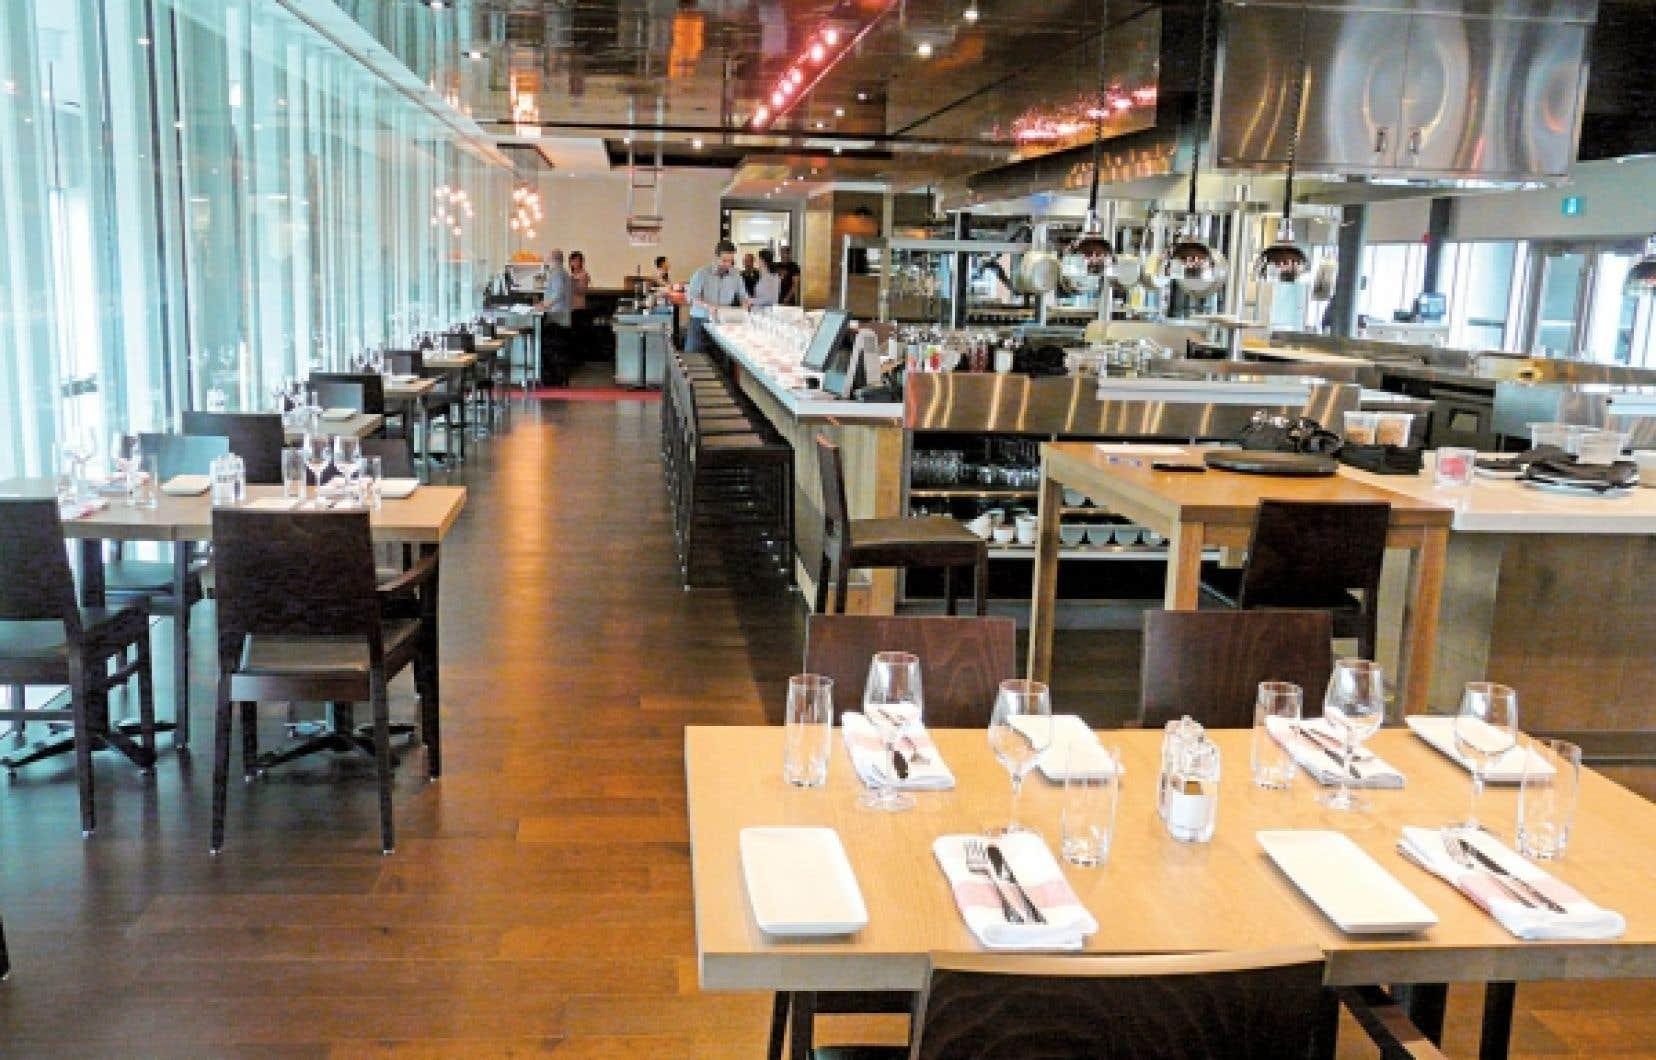 Les Labours, c'est le nouveau restaurant du tout aussi nouvel hôtel La Ferme, qui a été officiellement inauguré jeudi dans le cadre du grand projet récréotouristique du Massif de Charlevoix.